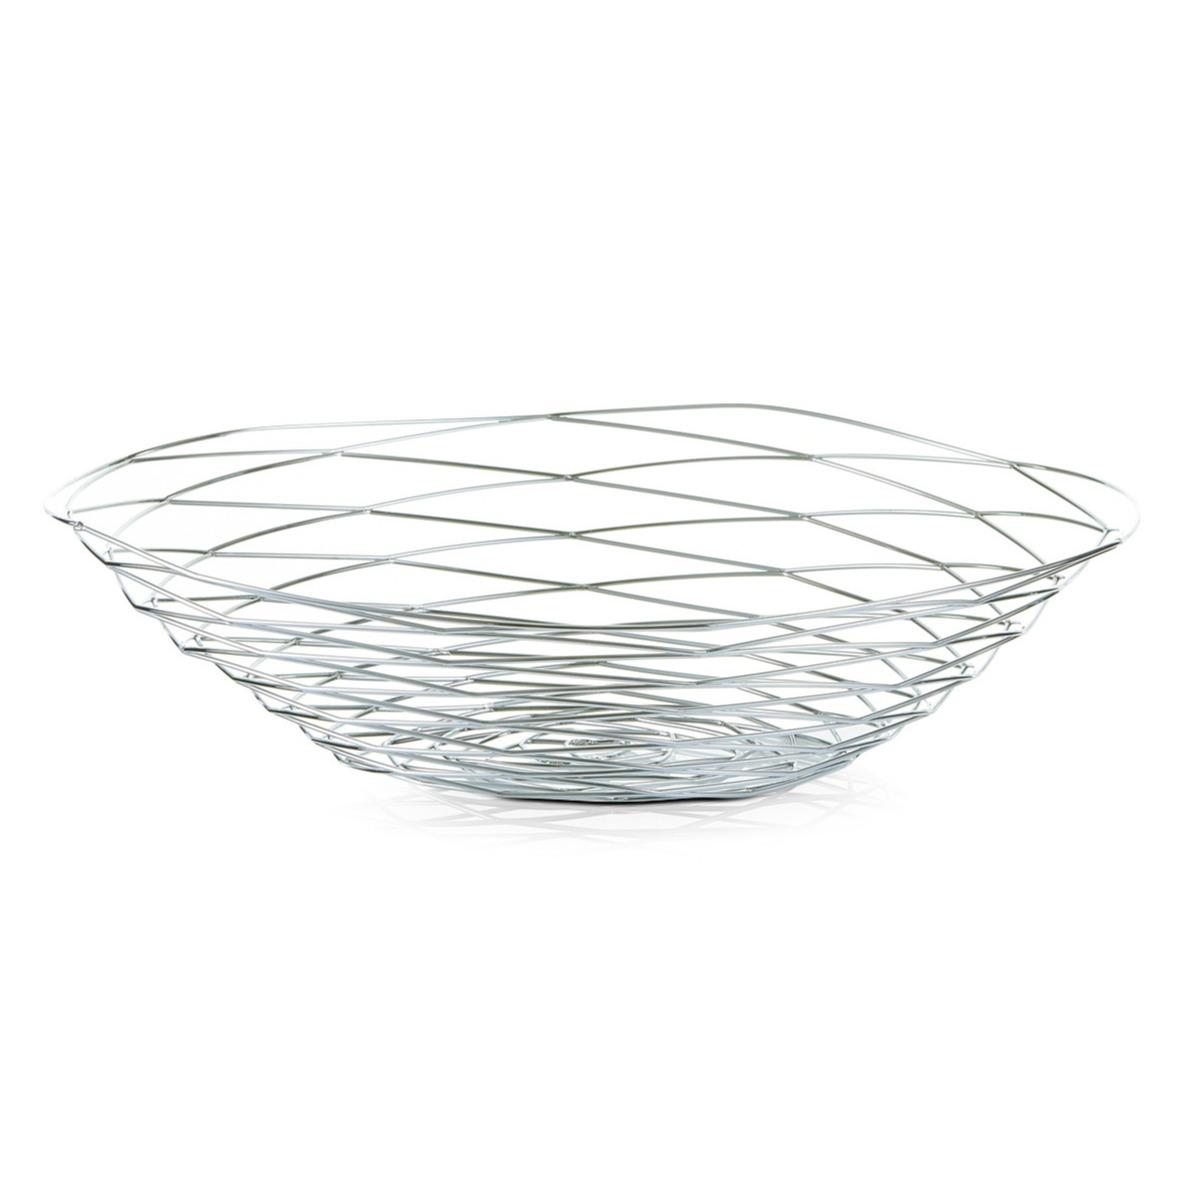 1x Zilveren ronde fruitschalen metaal 39 cm